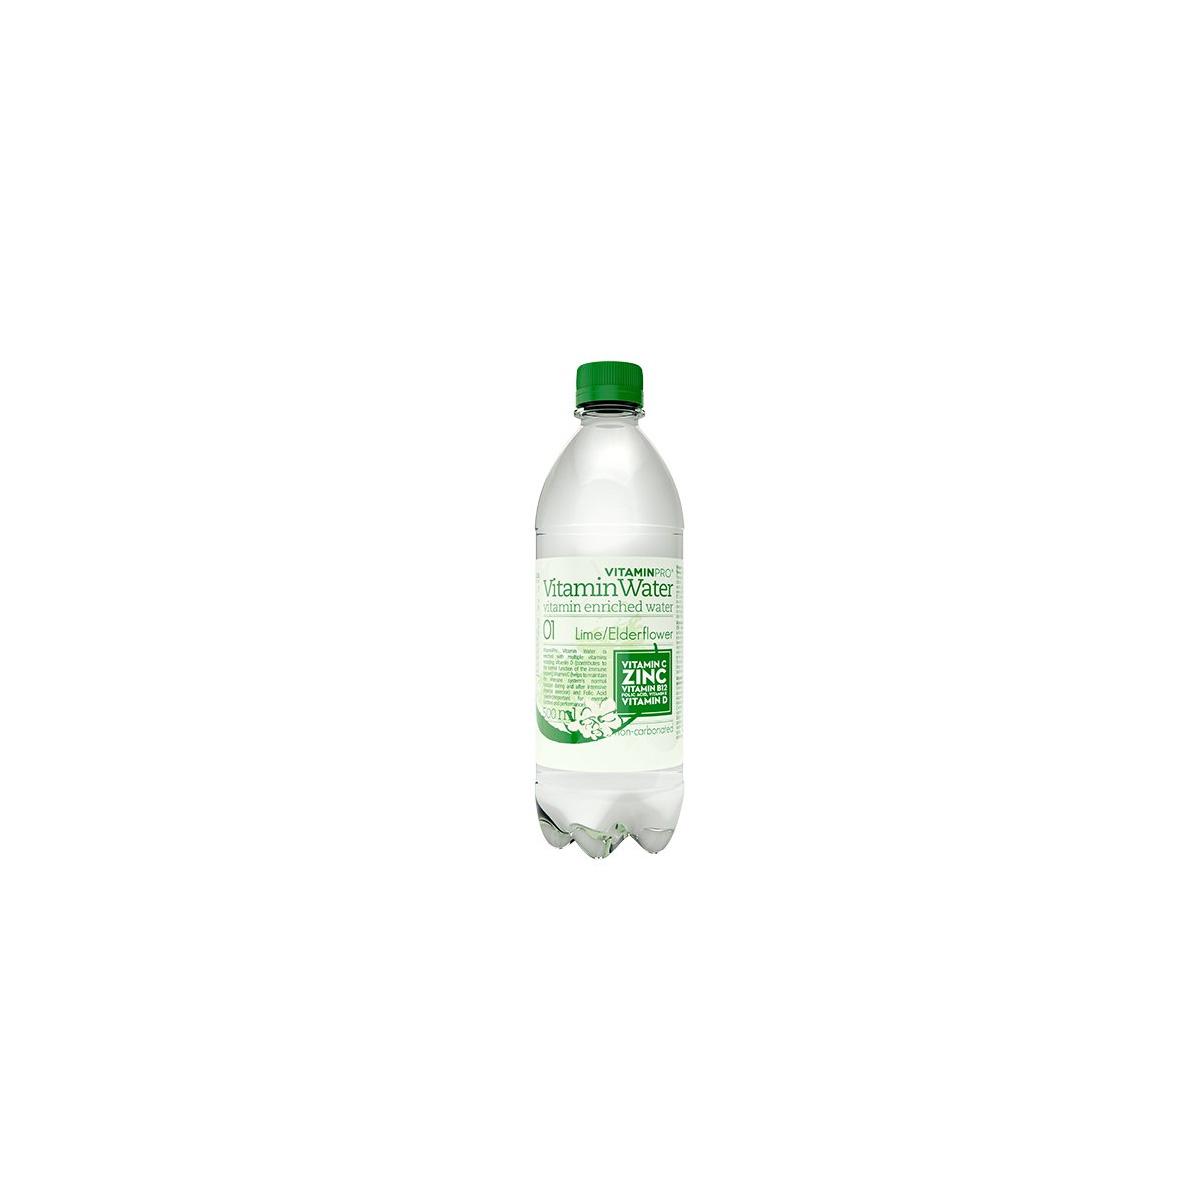 VitaminPro Vitamínová voda limetka + bezový květ 500 ml